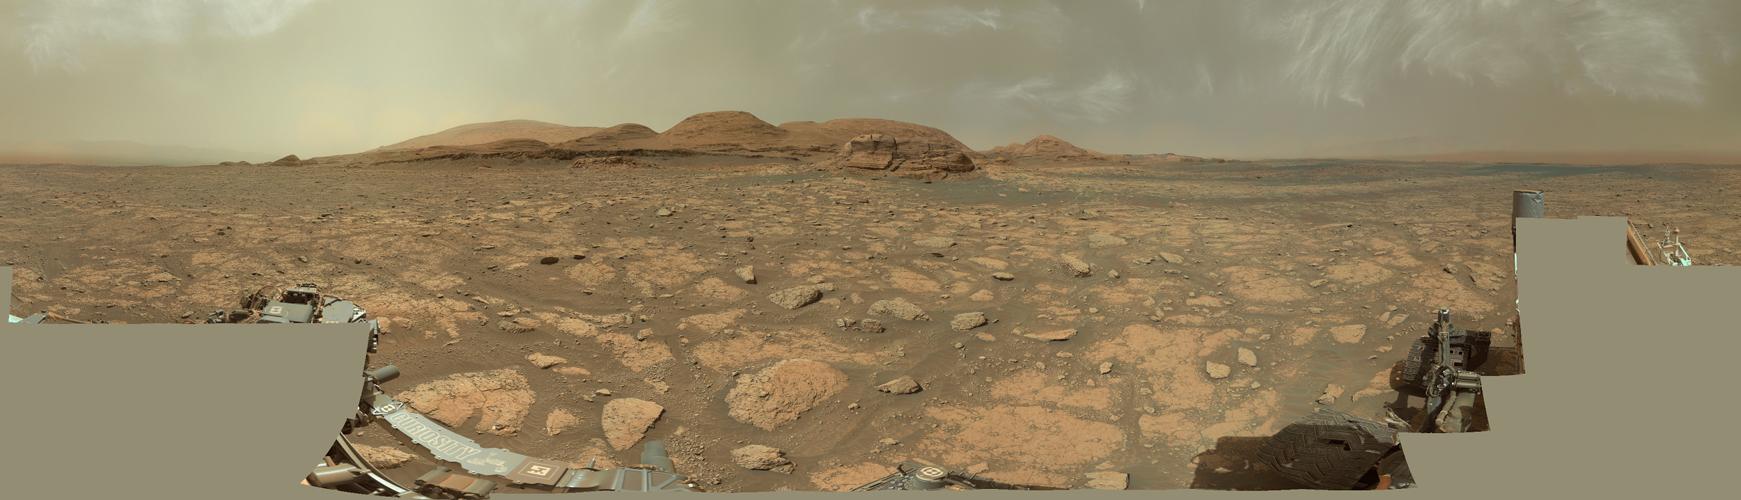 Curiosity: Sol 3048